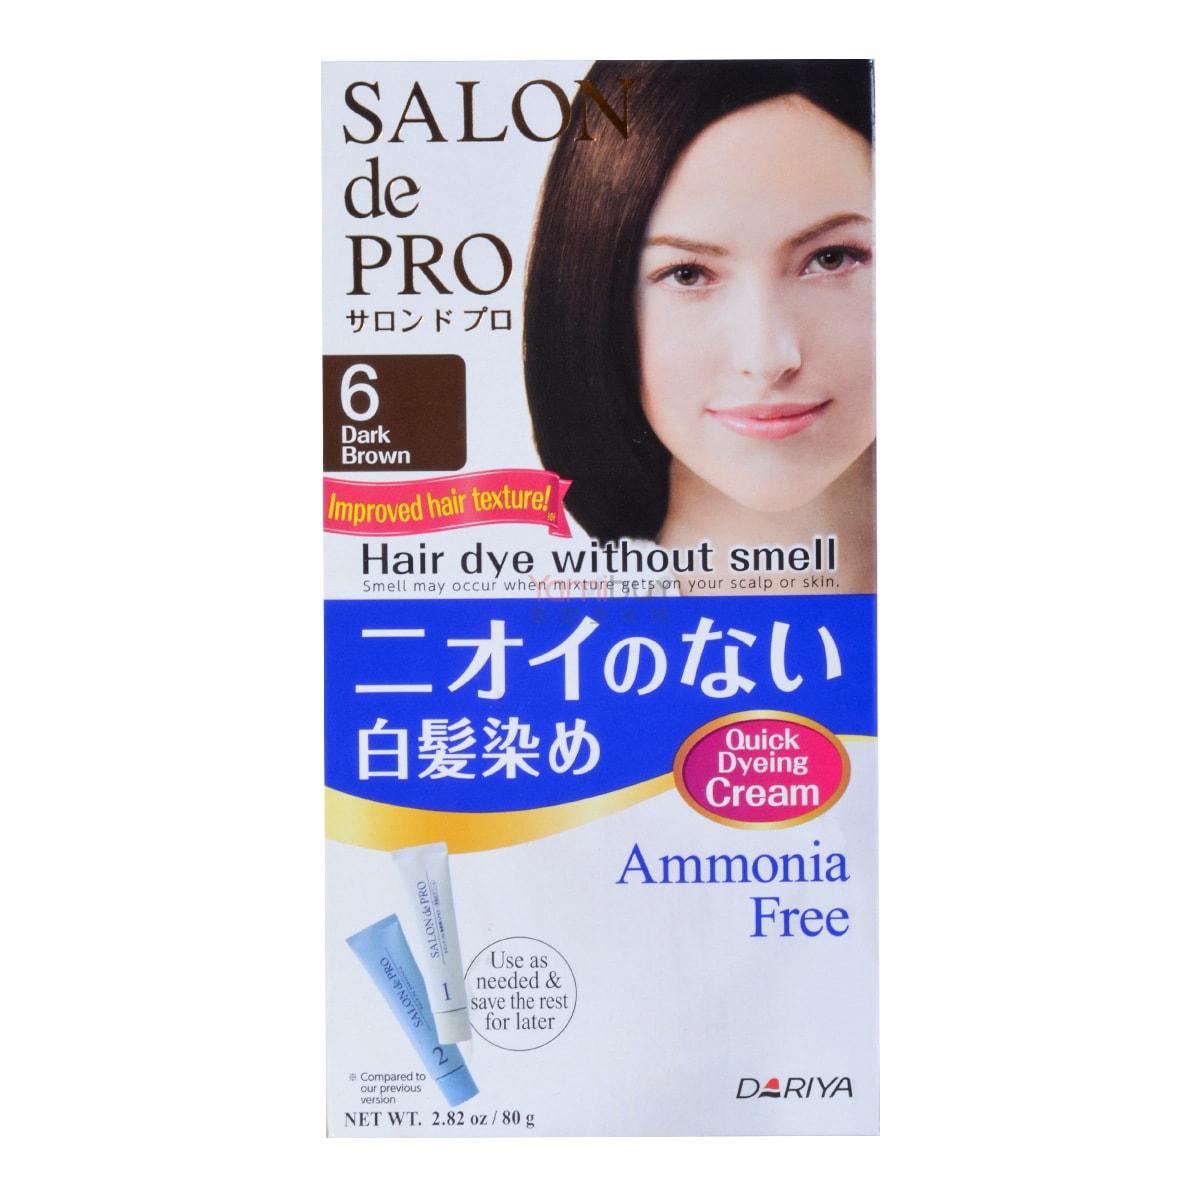 日本DARIYA SALON DE PRO 白发专用无味染发剂 #6深棕色 80g